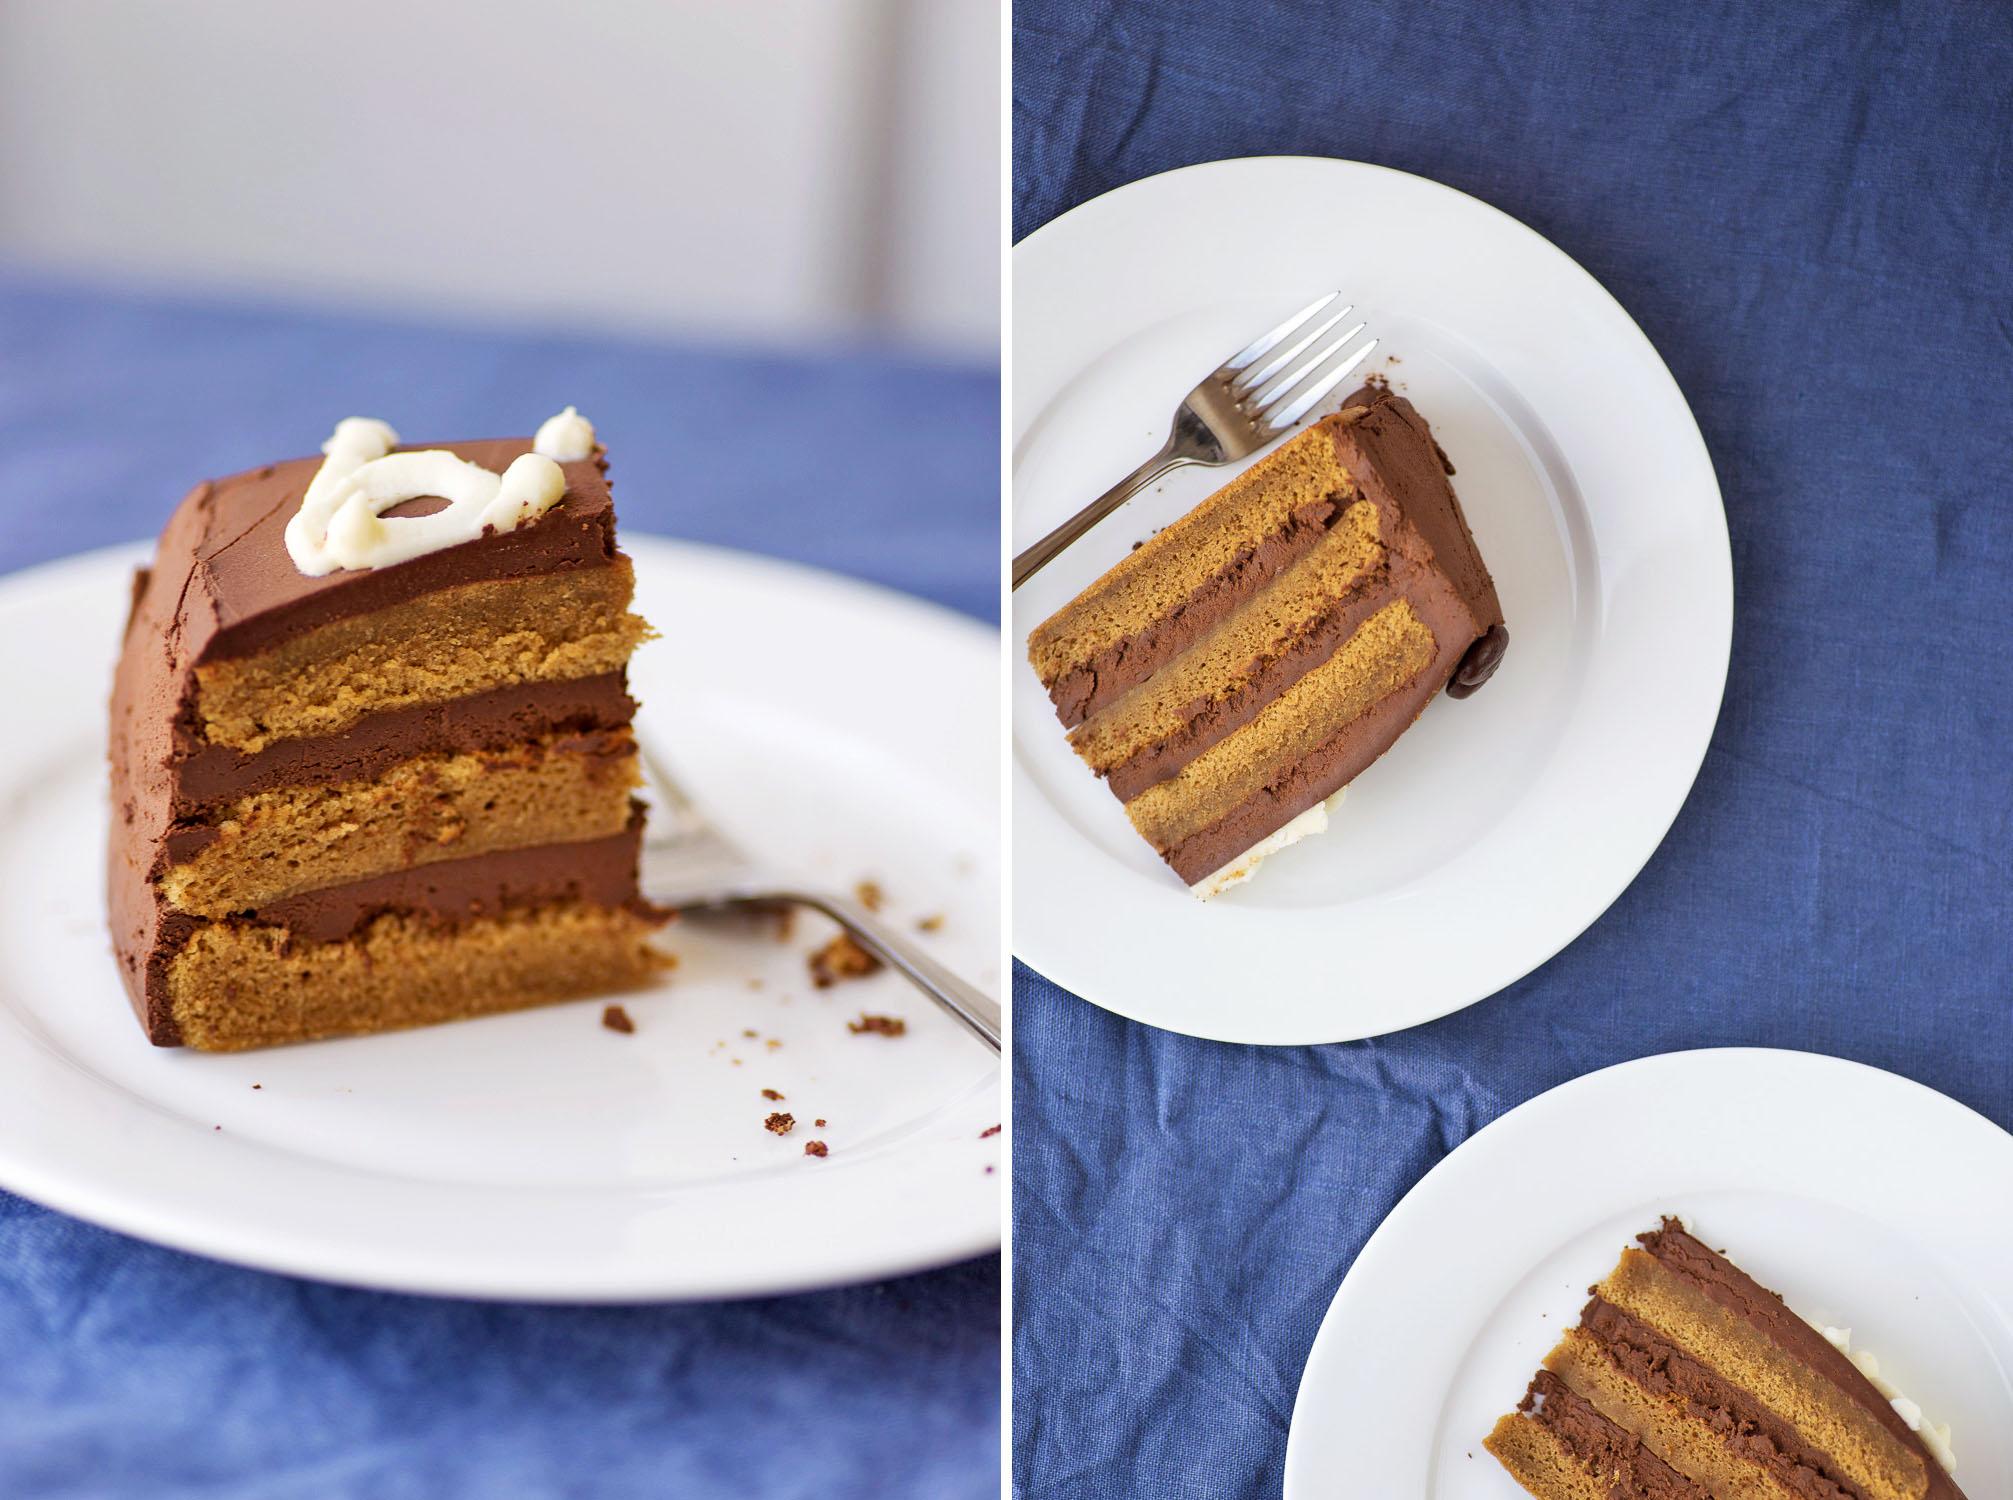 Espresso-Cake-Sour-Cream-Chocolate-Frosting